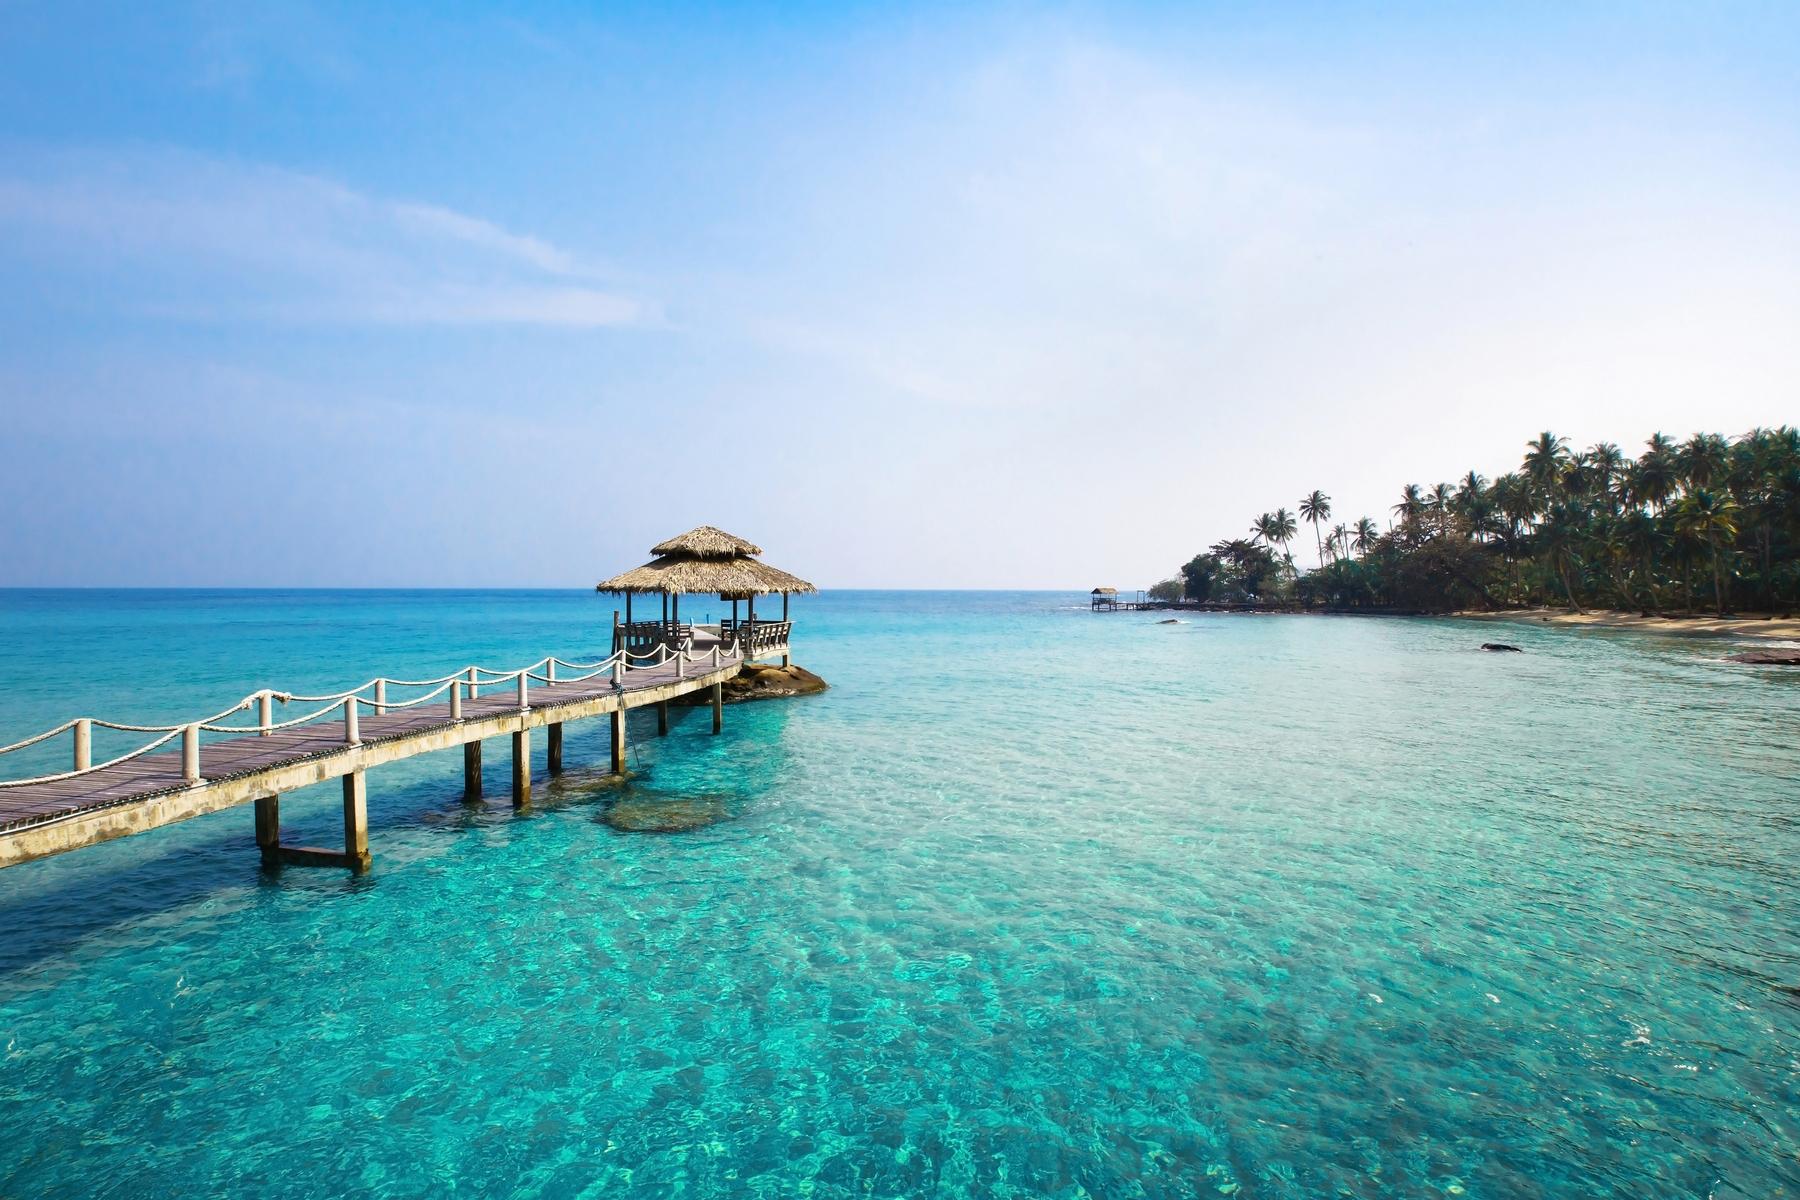 Traumreiseziele: Urlaub auf Koh Kood